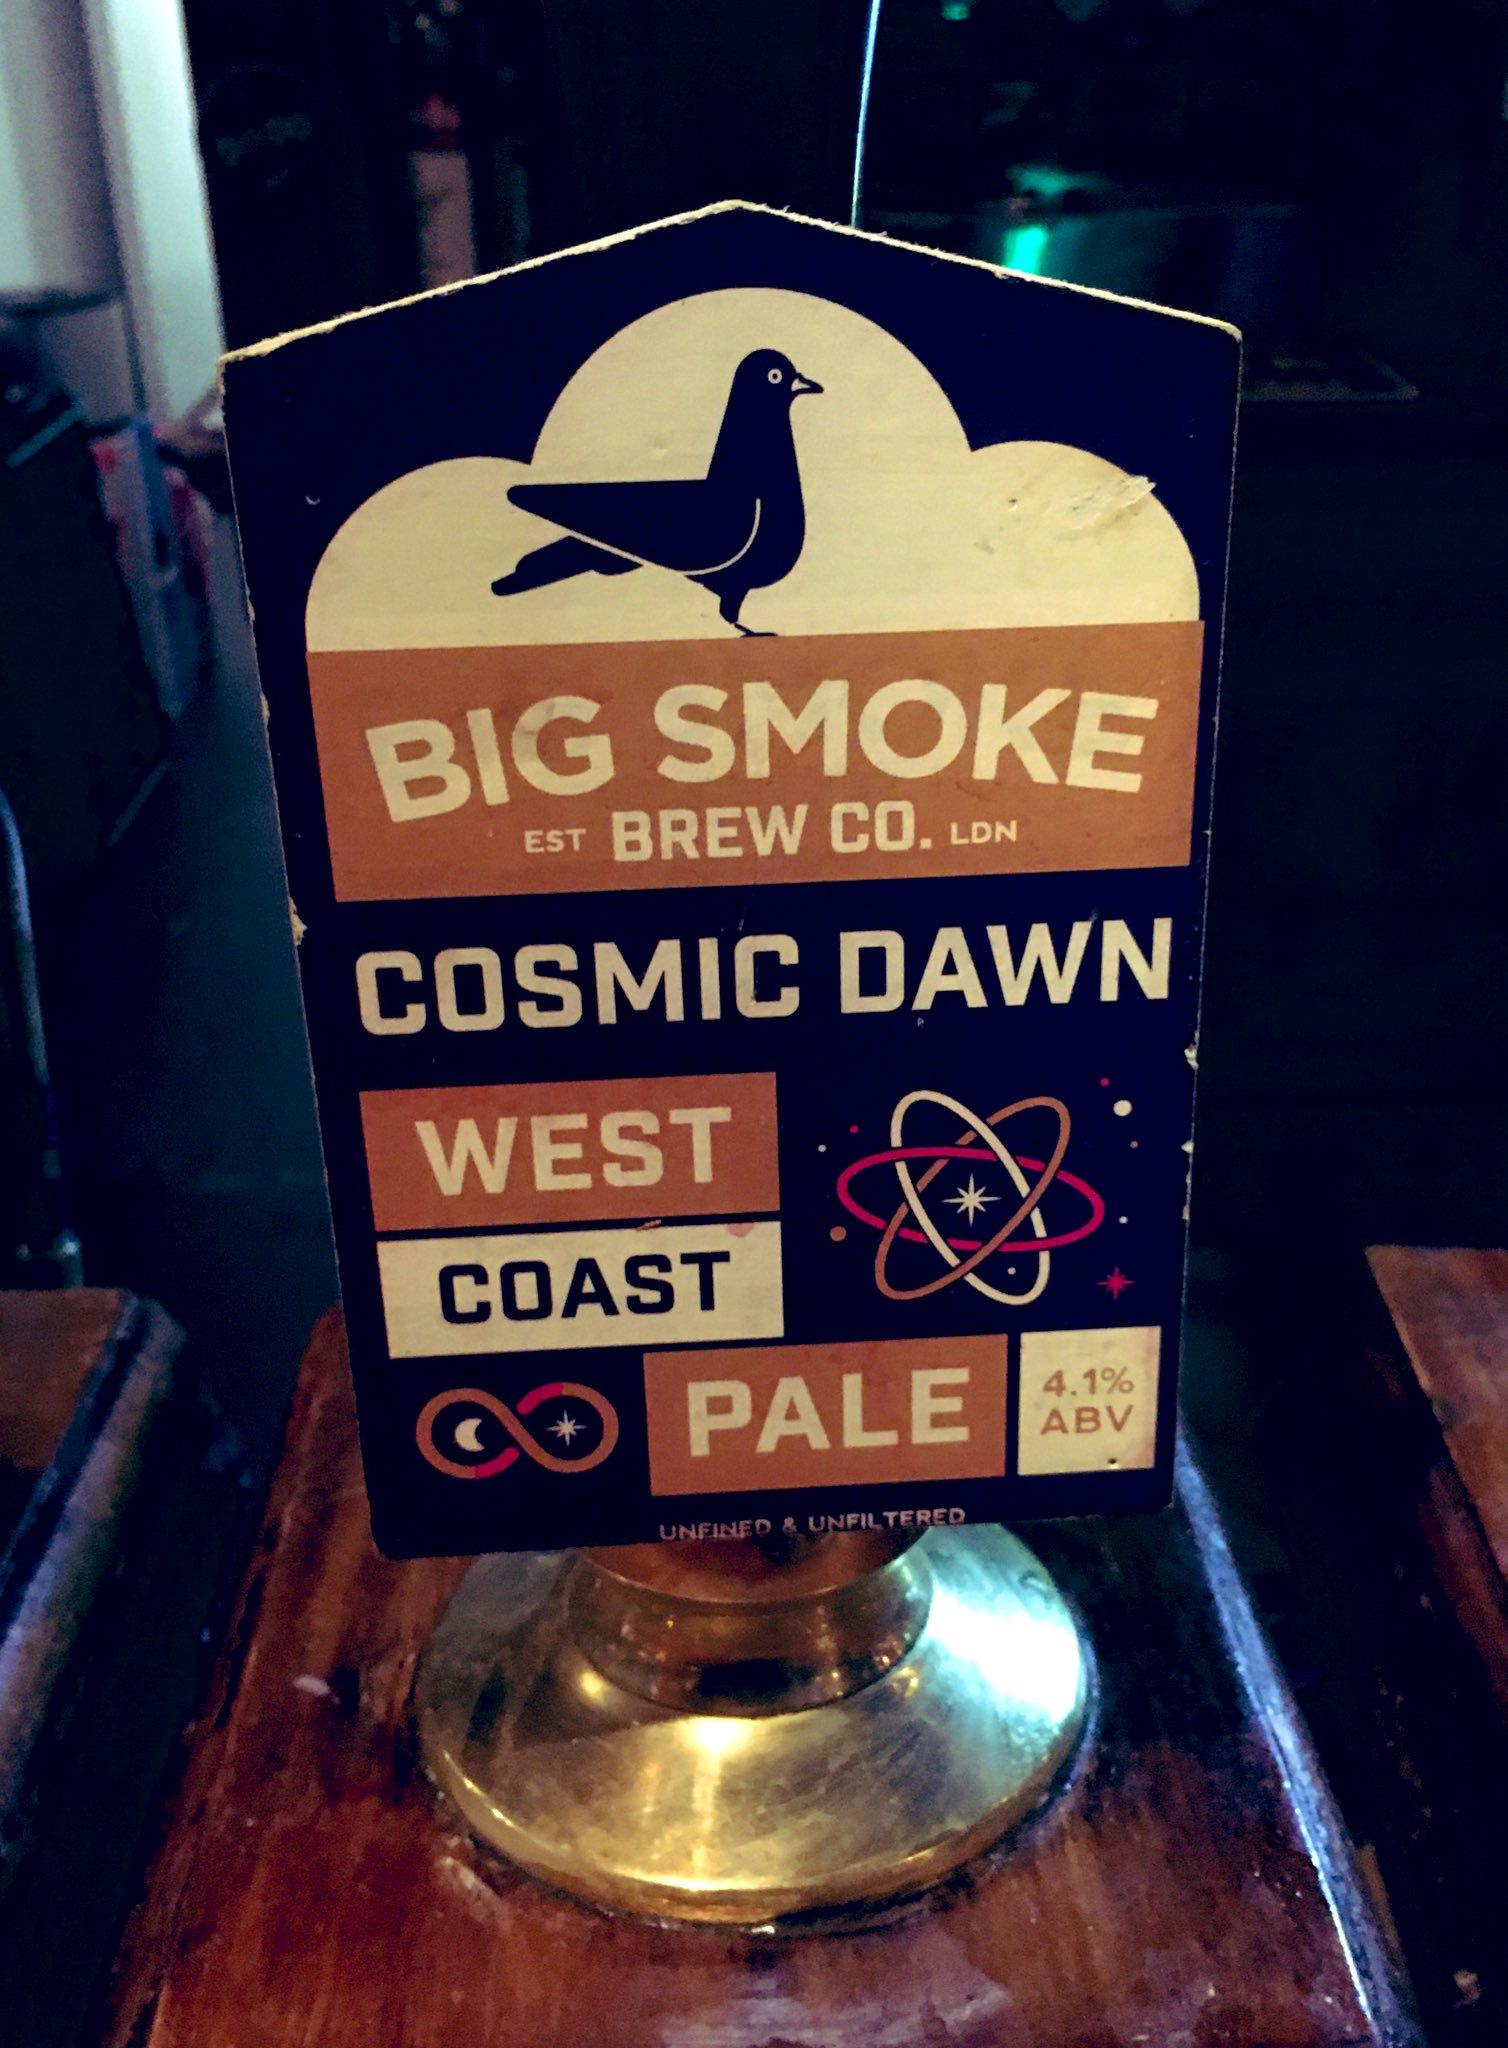 304: Cosmic Dawn